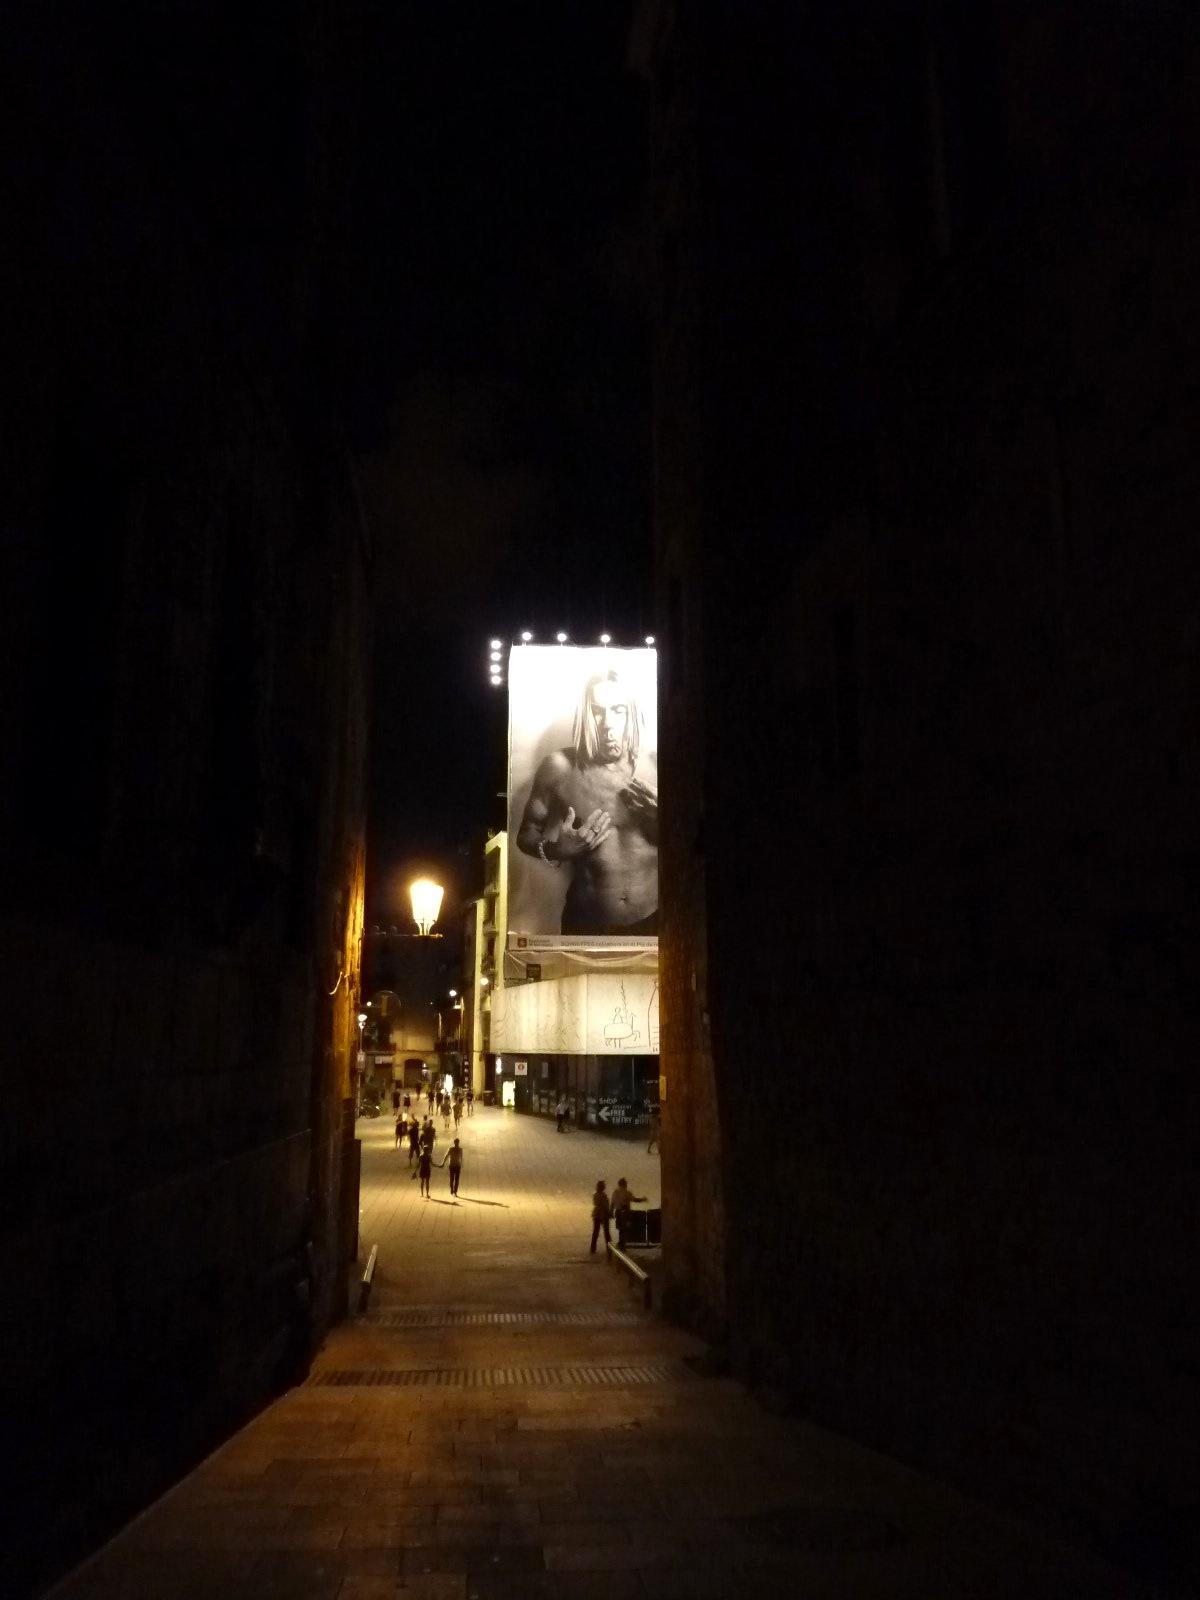 Barcelona-Iggy-Pop-.jpg